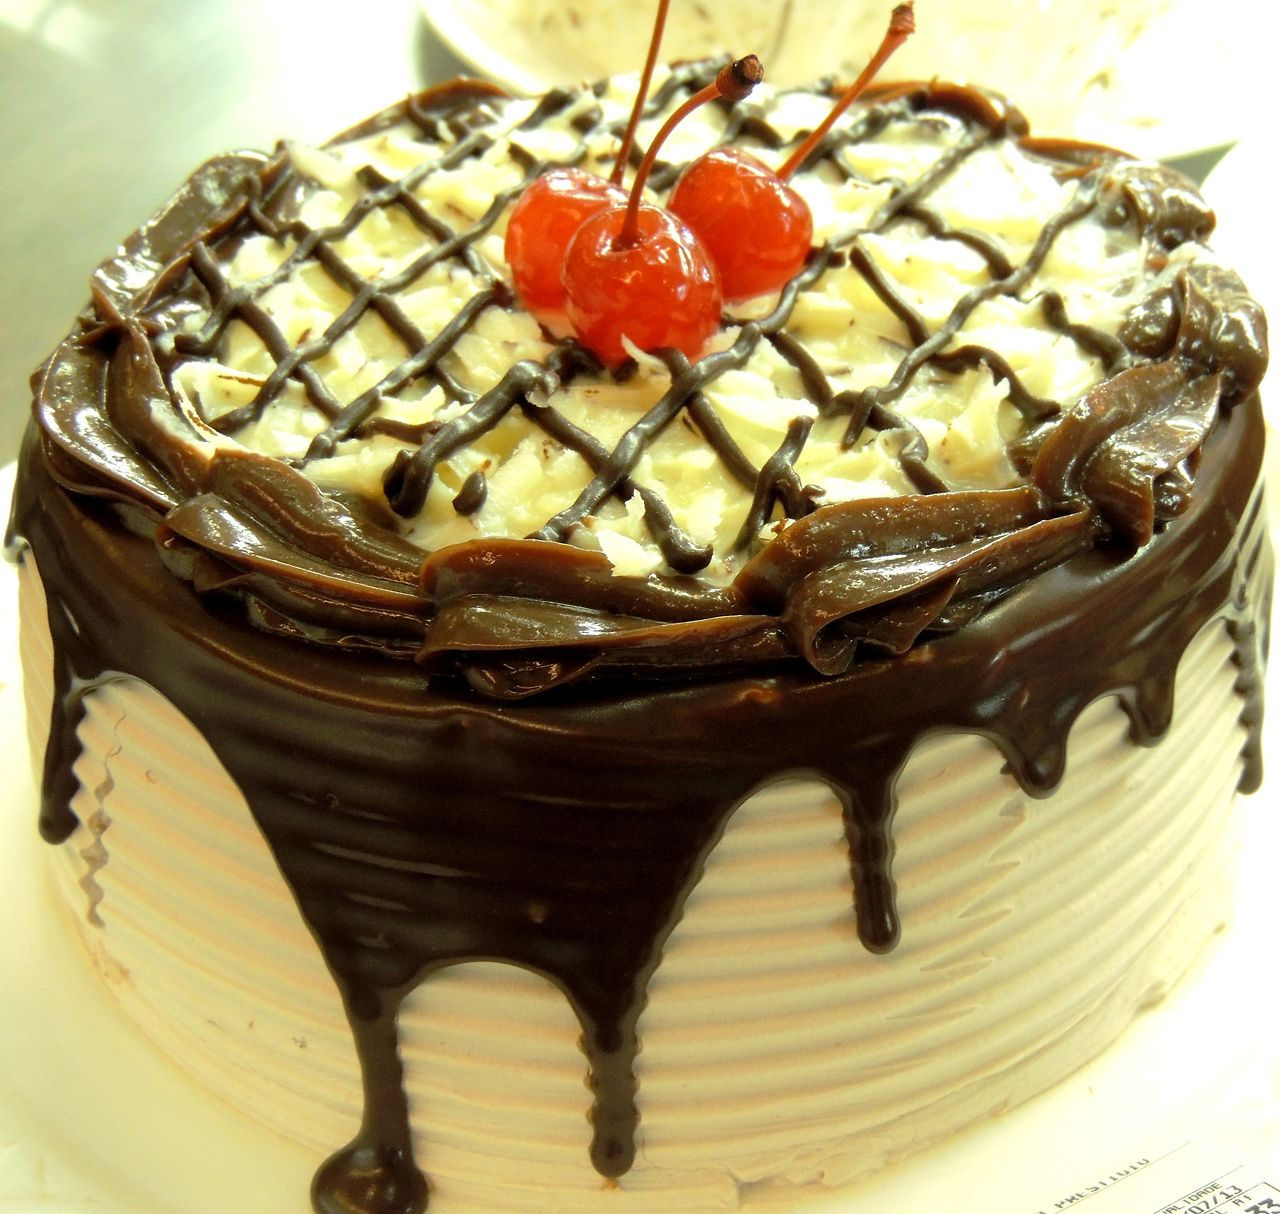 Enfeite De Torta ~ Torta de prestigio coberto com enfeite de cereja com talo POLOS p u00e3es e doces Torta da POLOS